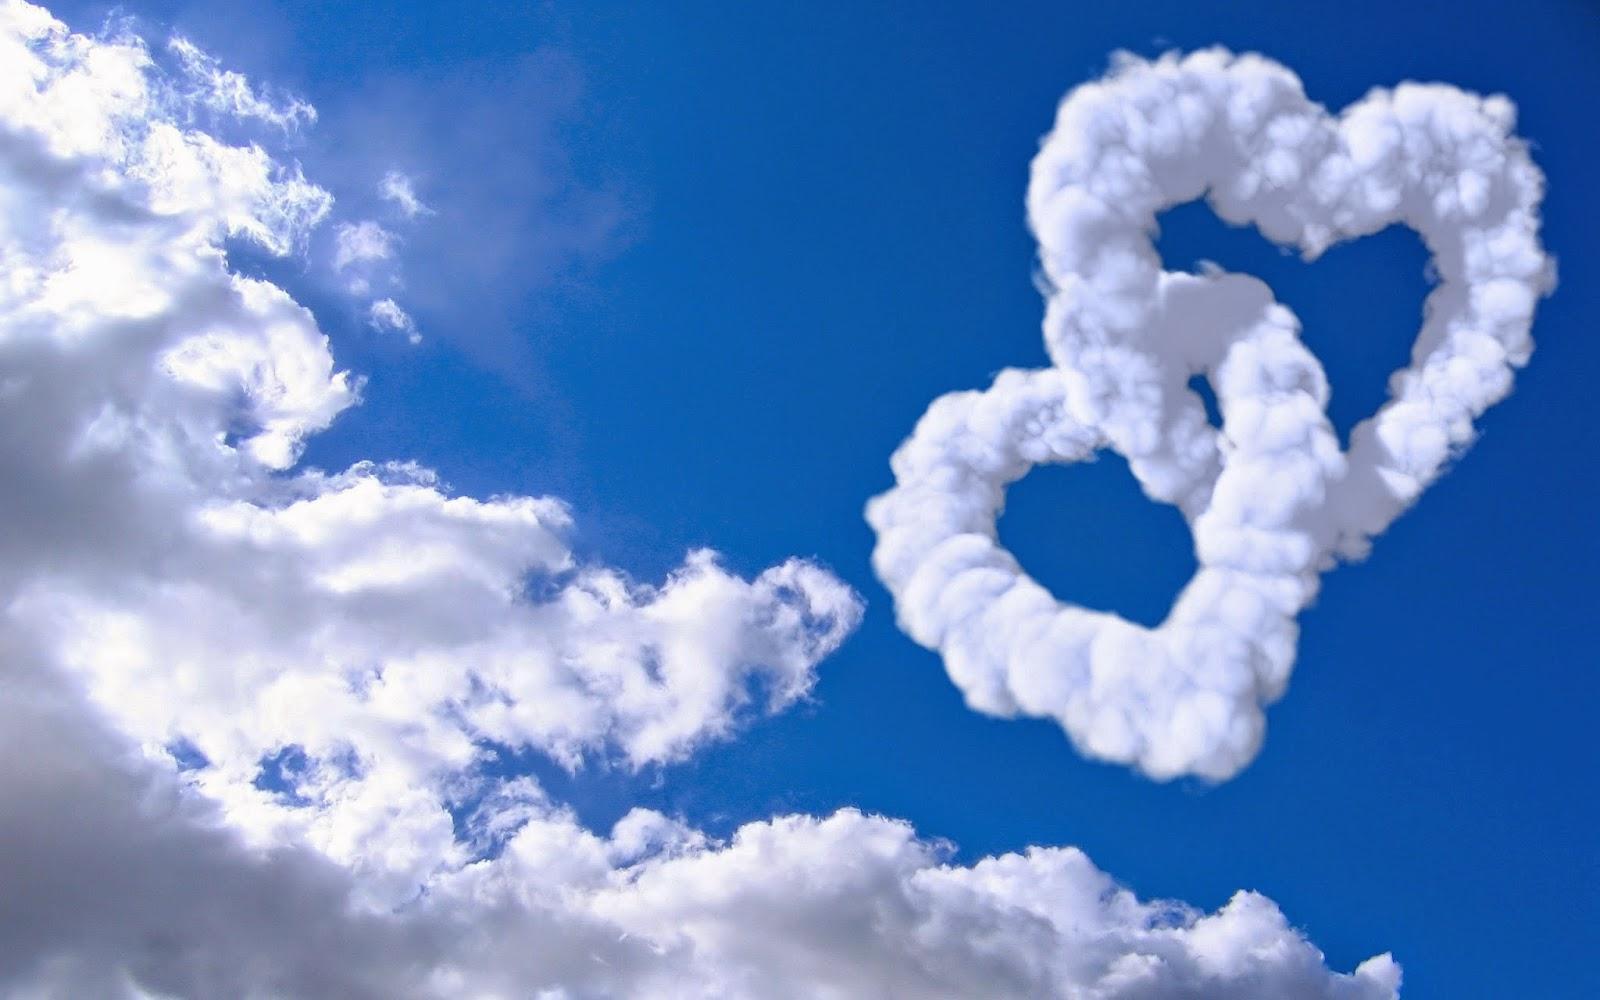 imagenes lindas animadas de amor- romanticas para descargar- fotos con mensajes bonitos y lindos para mi celular